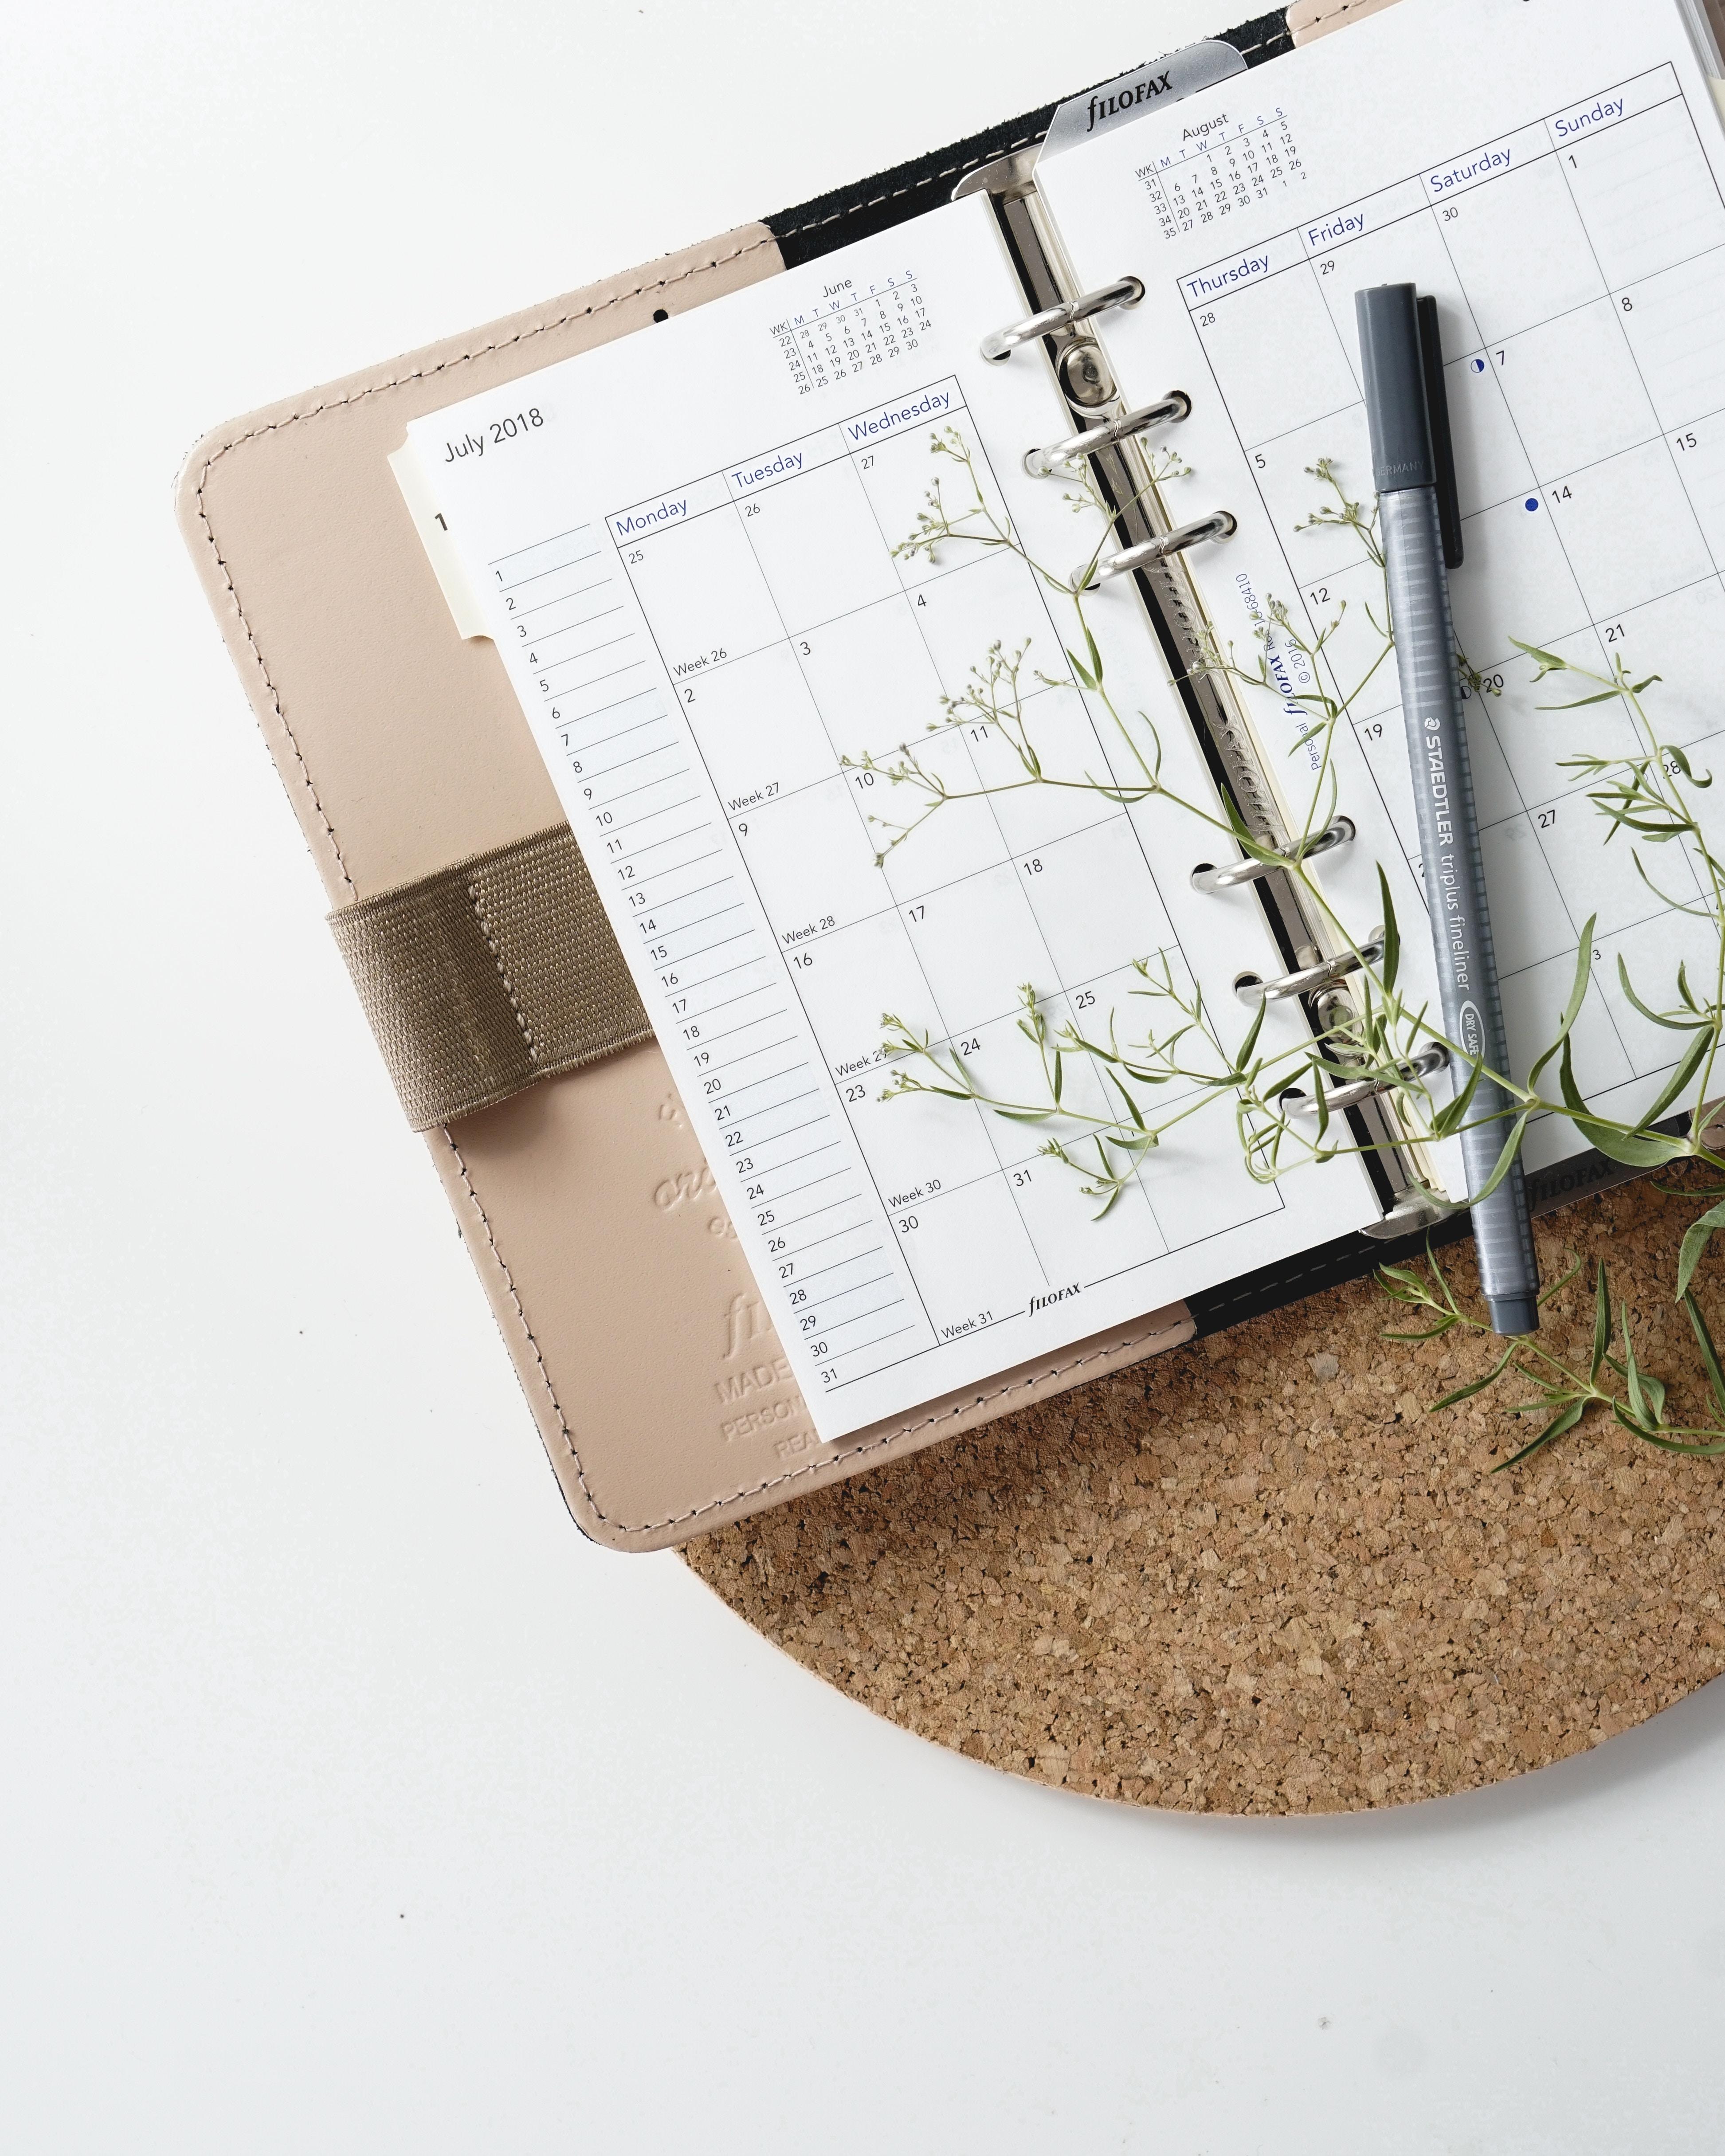 【MR活動に役立つ】紙の手帳とデジタルはどちらがいいのか?